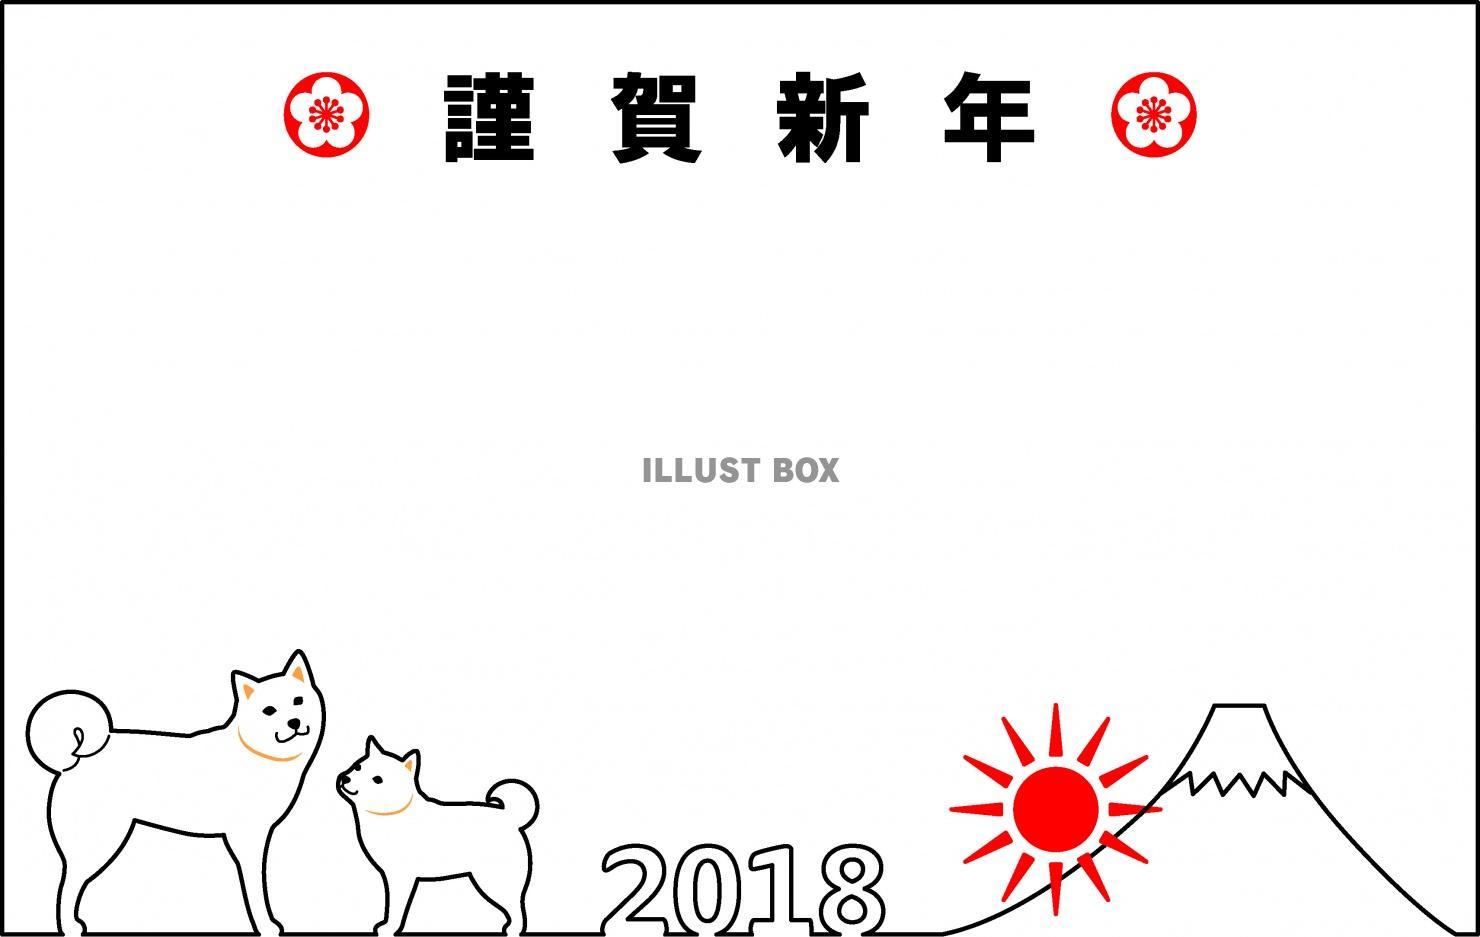 無料イラスト 2018年年賀状素材ー柴犬のシンプルフレーム